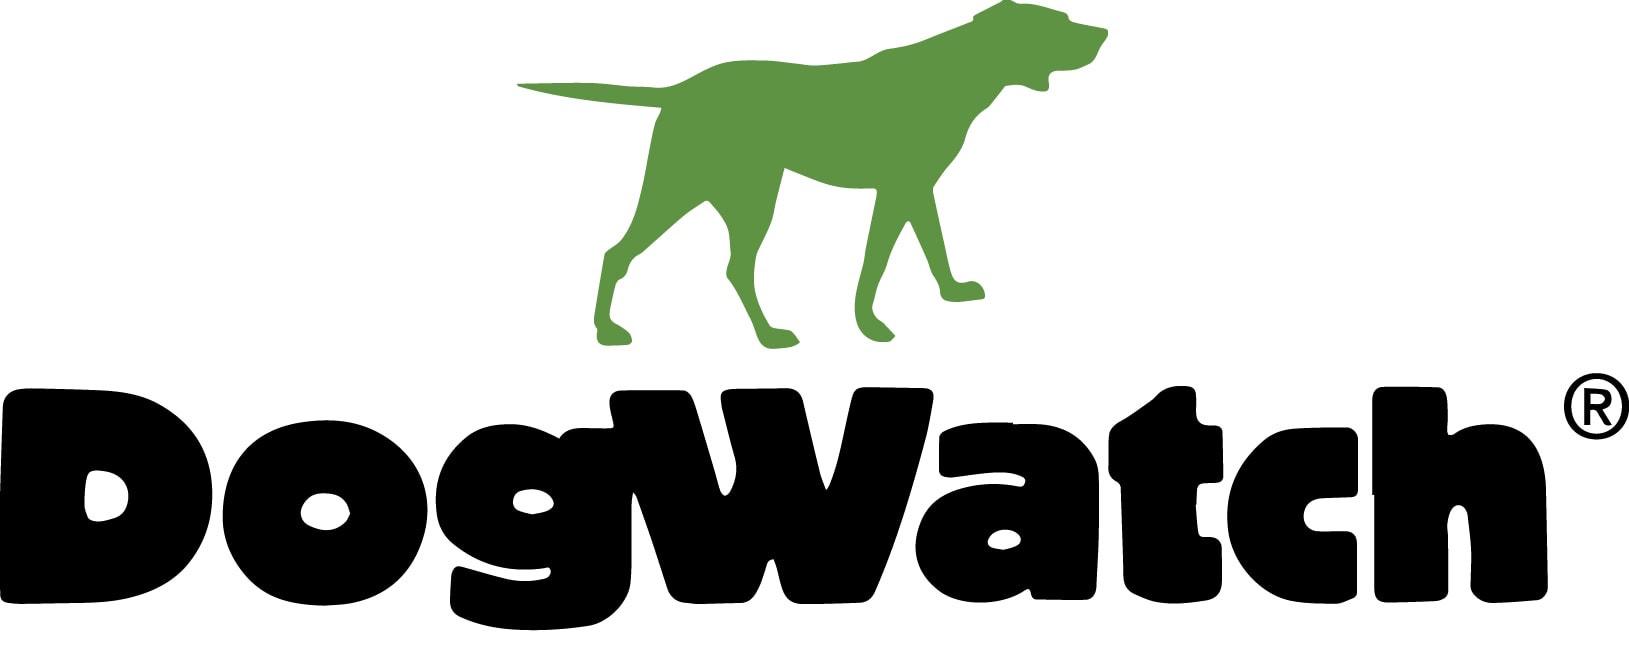 Dogwatch logo